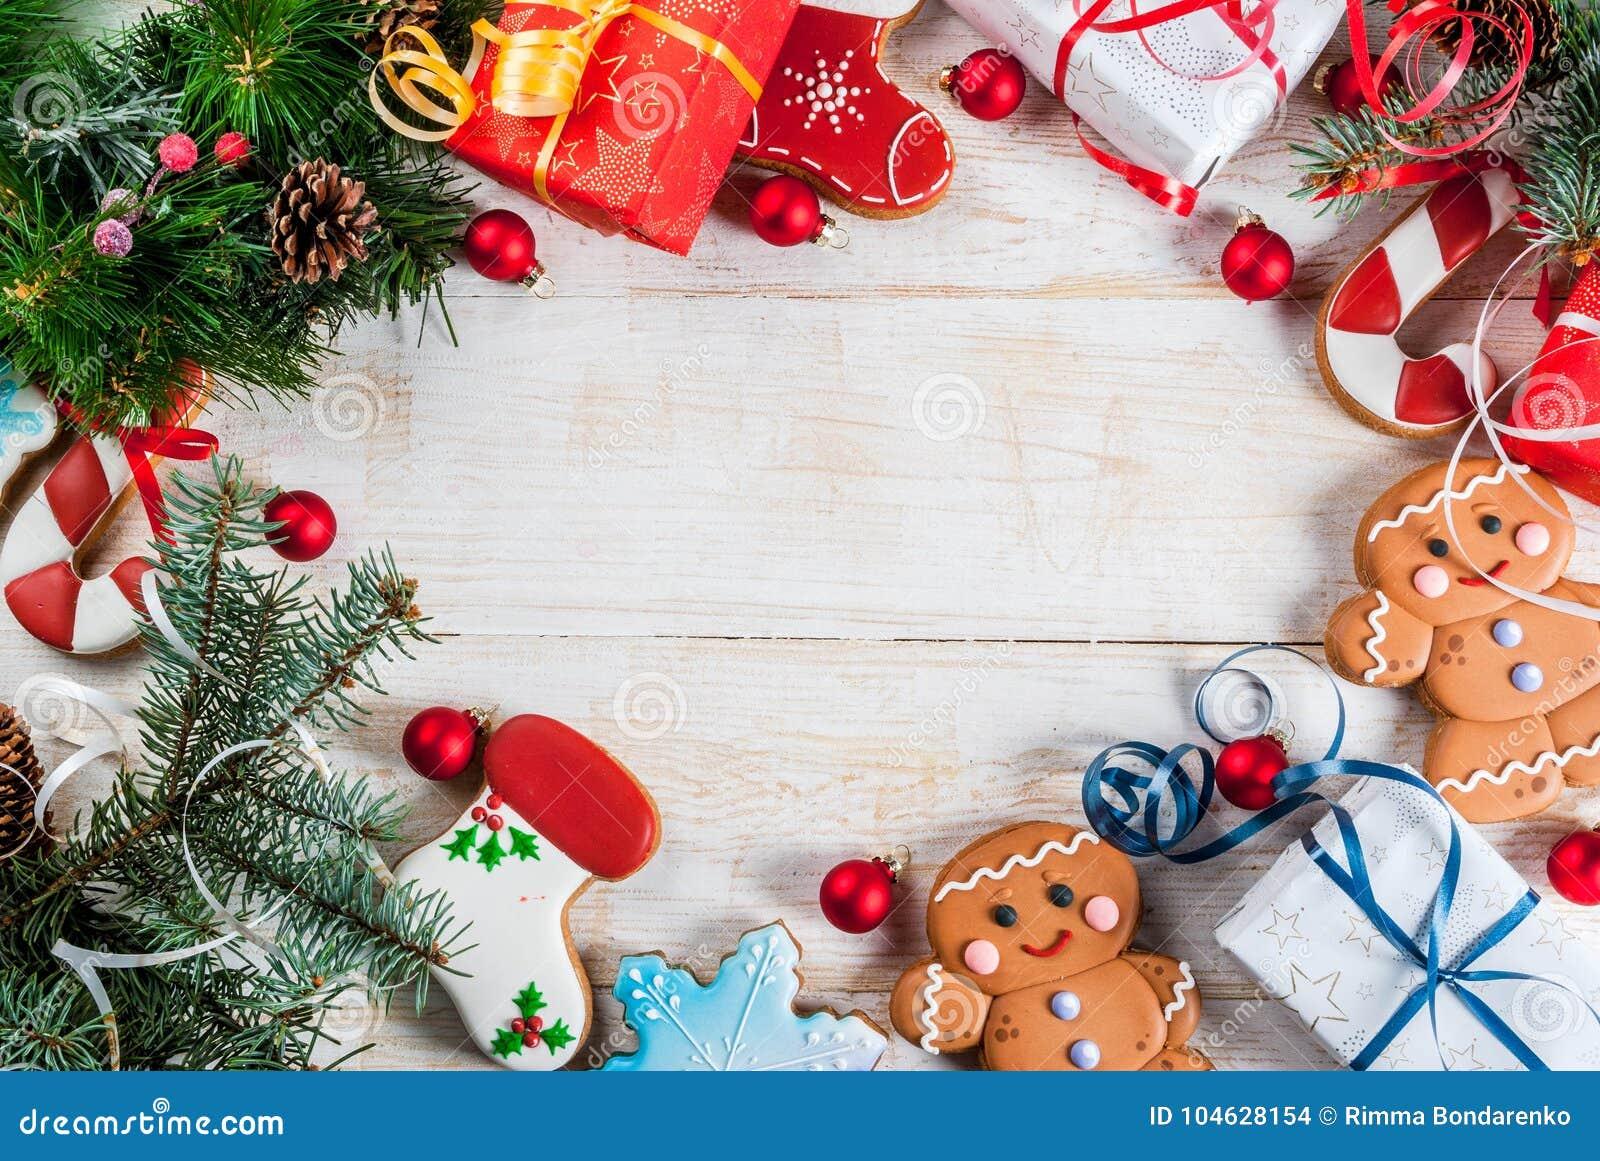 Download Feestelijke Kerstmisachtergrond Stock Foto - Afbeelding bestaande uit spar, doos: 104628154